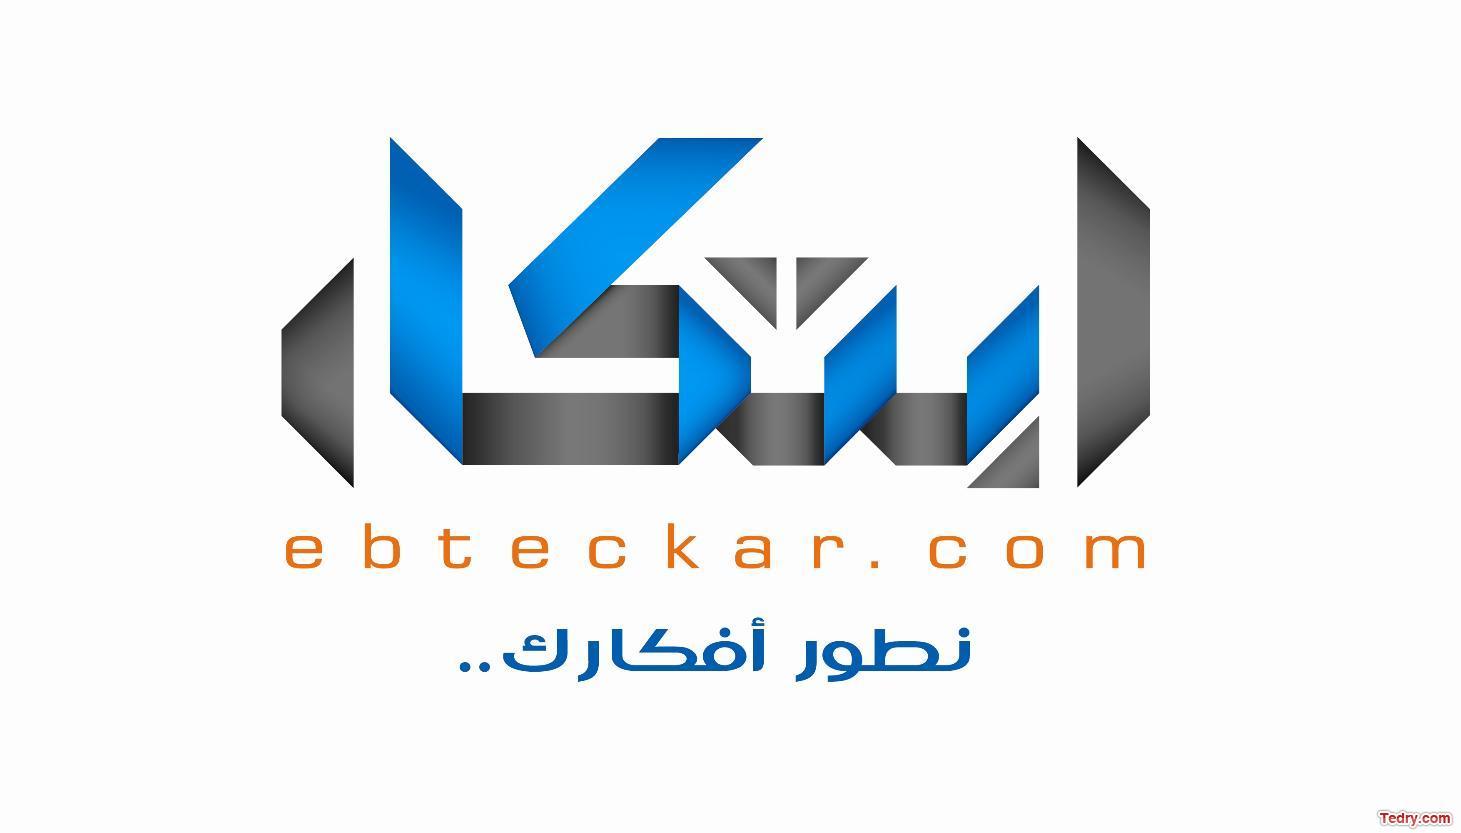 http://content.tedry.com.s3-external-3.amazonaws.com/b285a2ee-41e9-46fc-b2ea-7b900be9e700.jpg